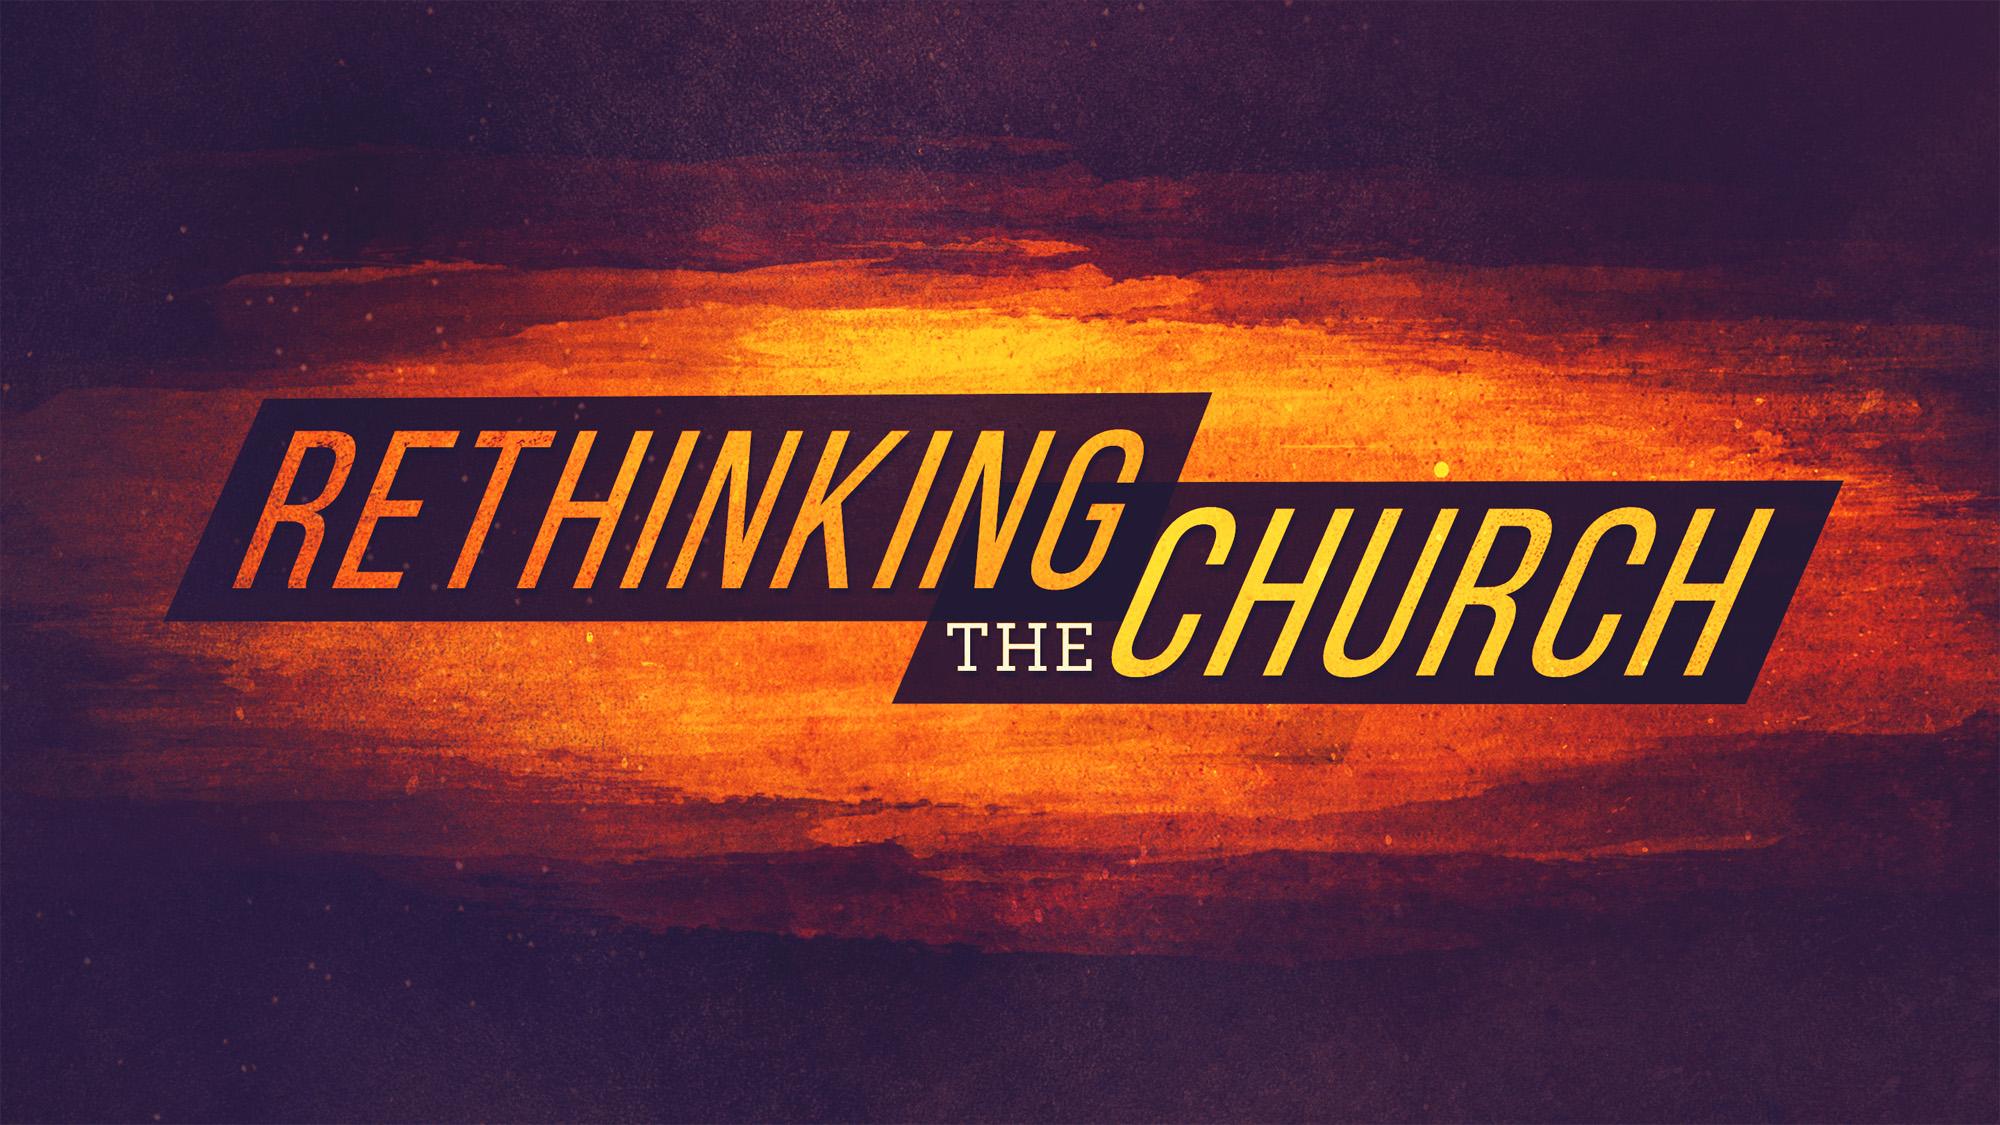 Series: <span>Rethinking the Church</span>